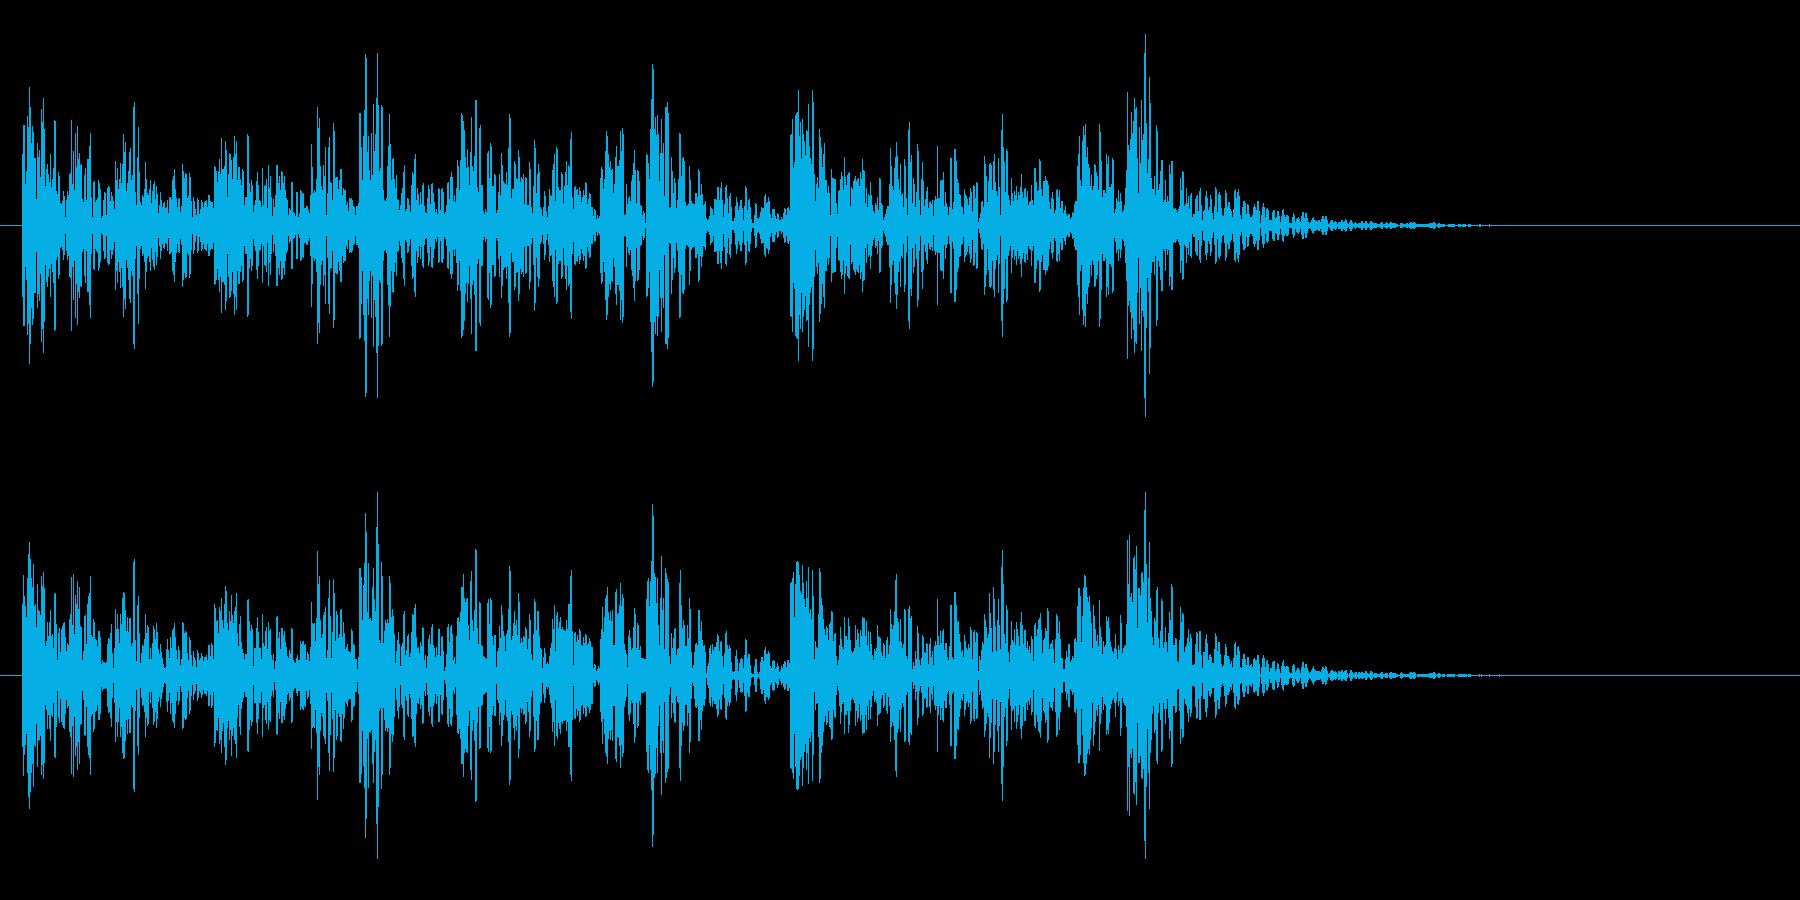 和太鼓アフリカ版Dunの重低音フレーズ音の再生済みの波形